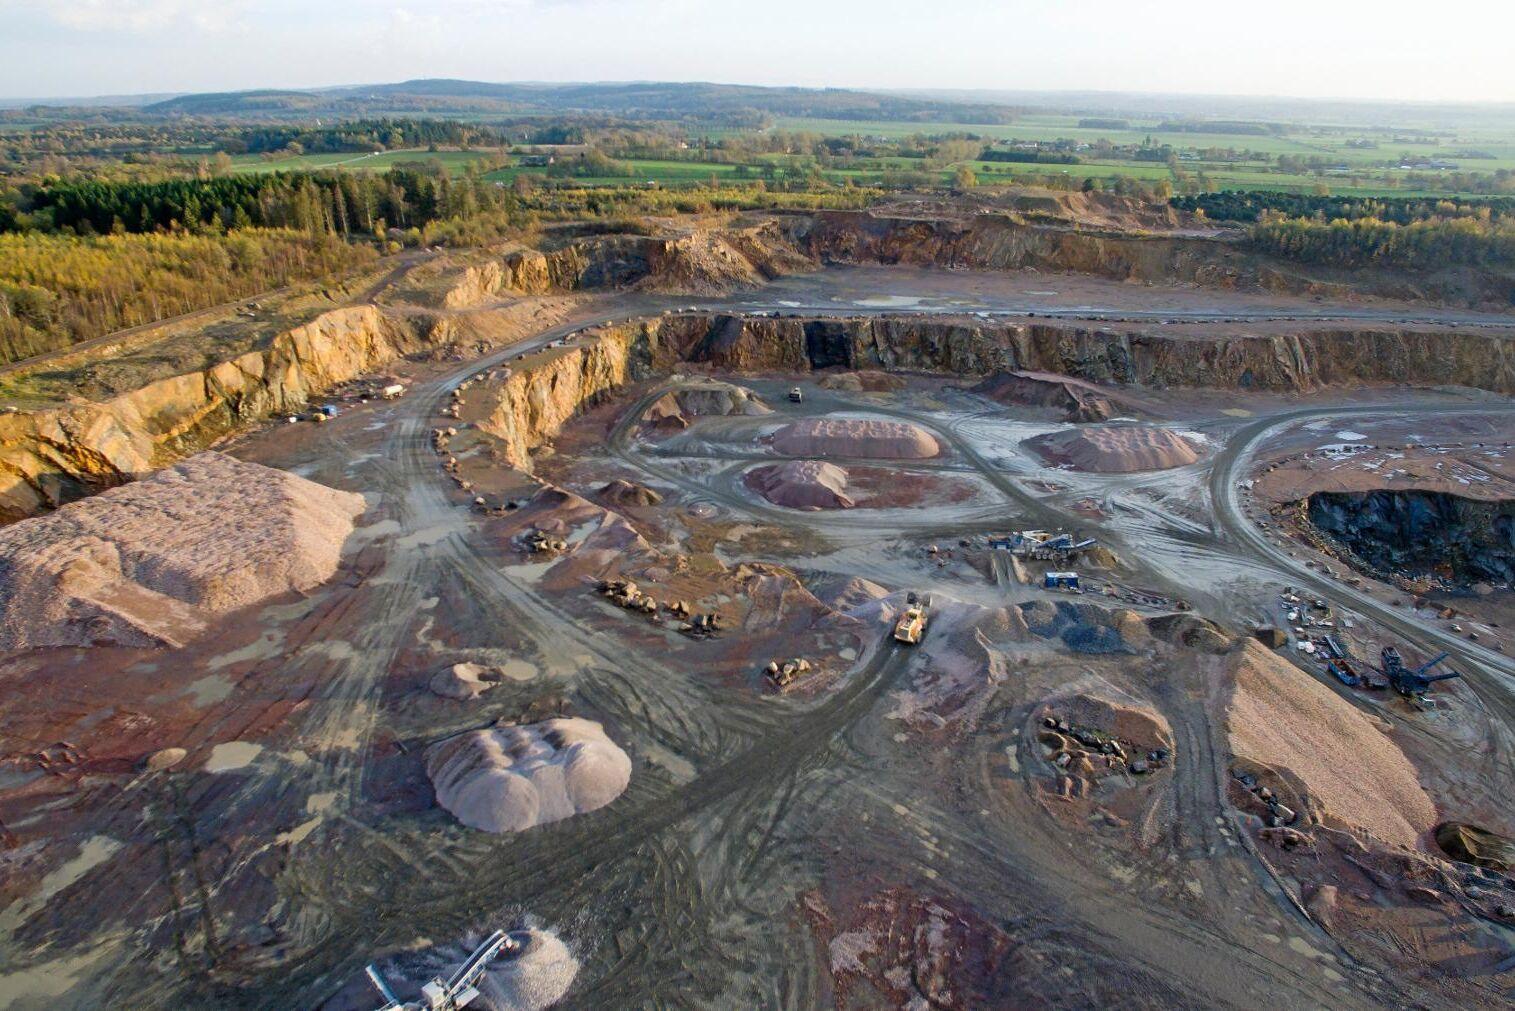 Arkivbild. Utanför Dalby bryts stora mängder sten till anläggningsarbeten. Scandivanadium har fått undersökningstillstånd av Bergstaten för att leta efter främst vanadin i sydöstra Skåne.